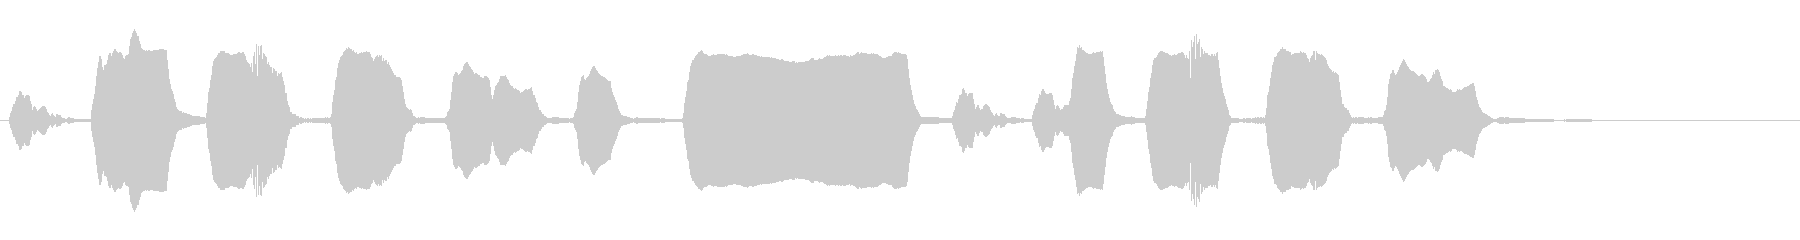 ジングル リコーダー 軽快 元気の未再生の波形